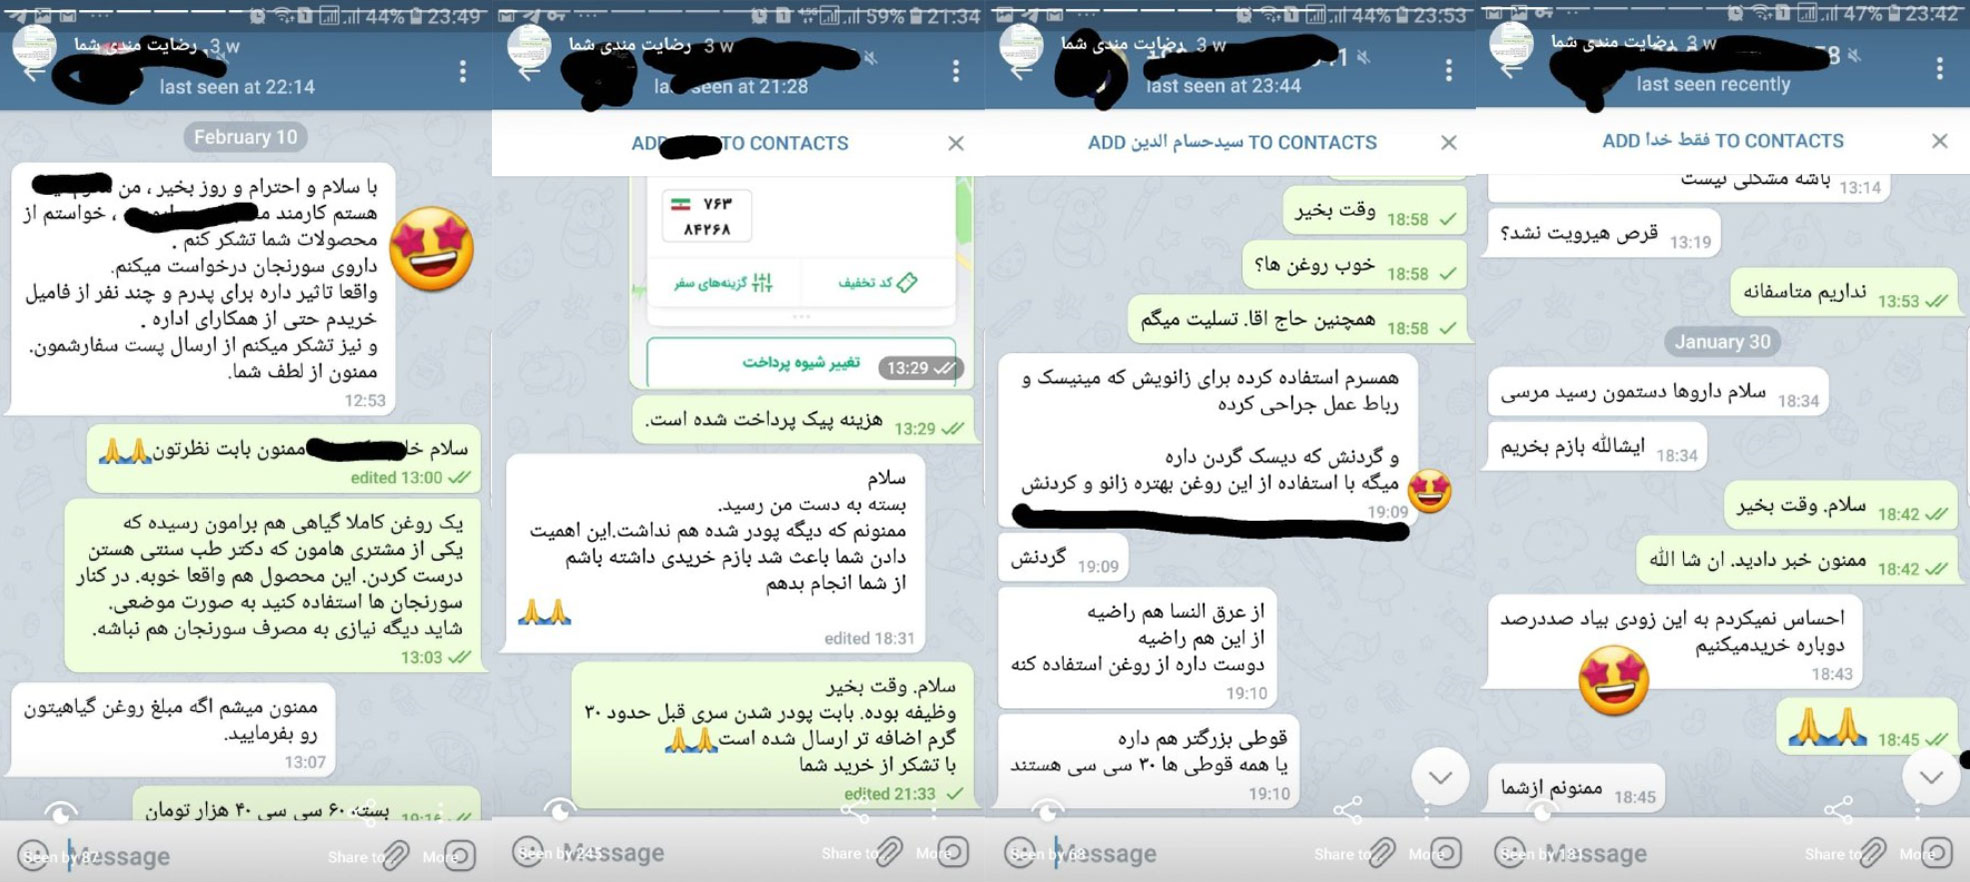 نظرات-مشتریان-عطاری-آنلاین-عطارمارت